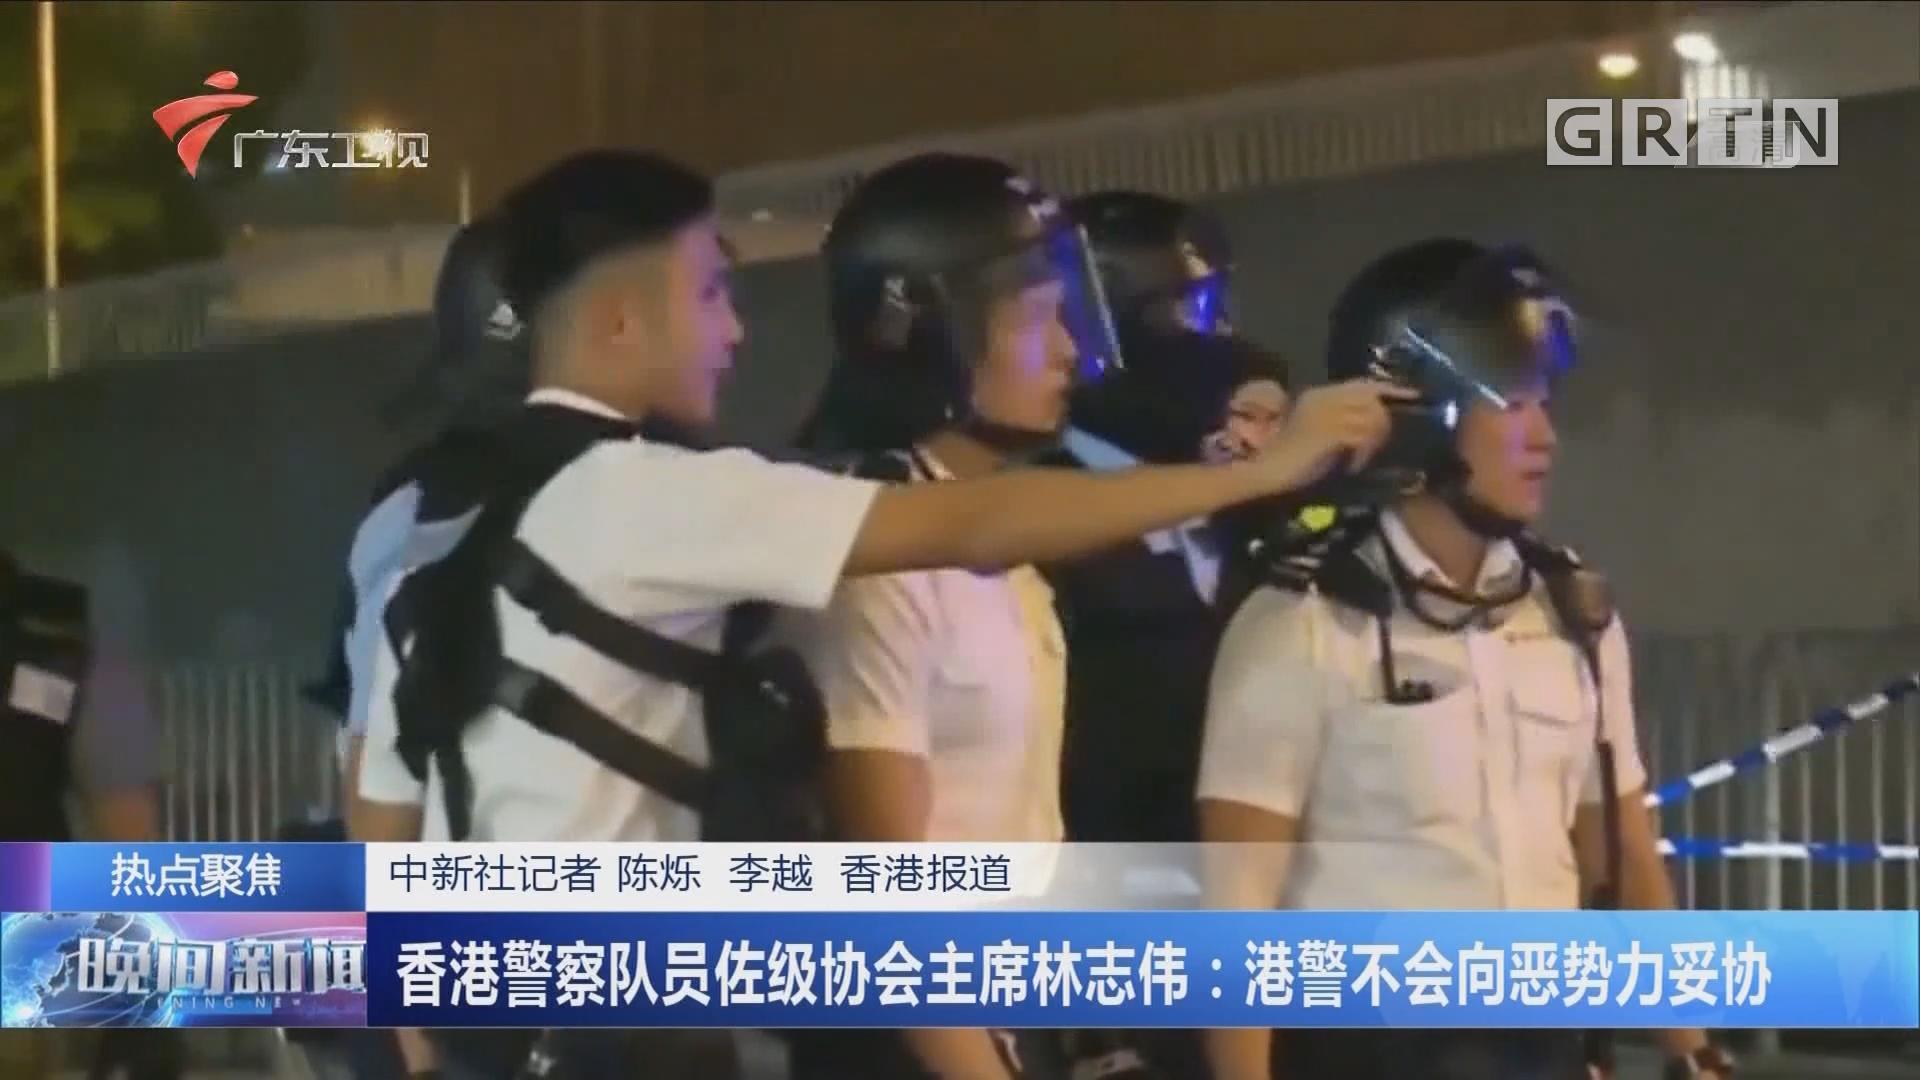 香港警察队员佐级协会主席林志伟:港警不会向恶势力妥协